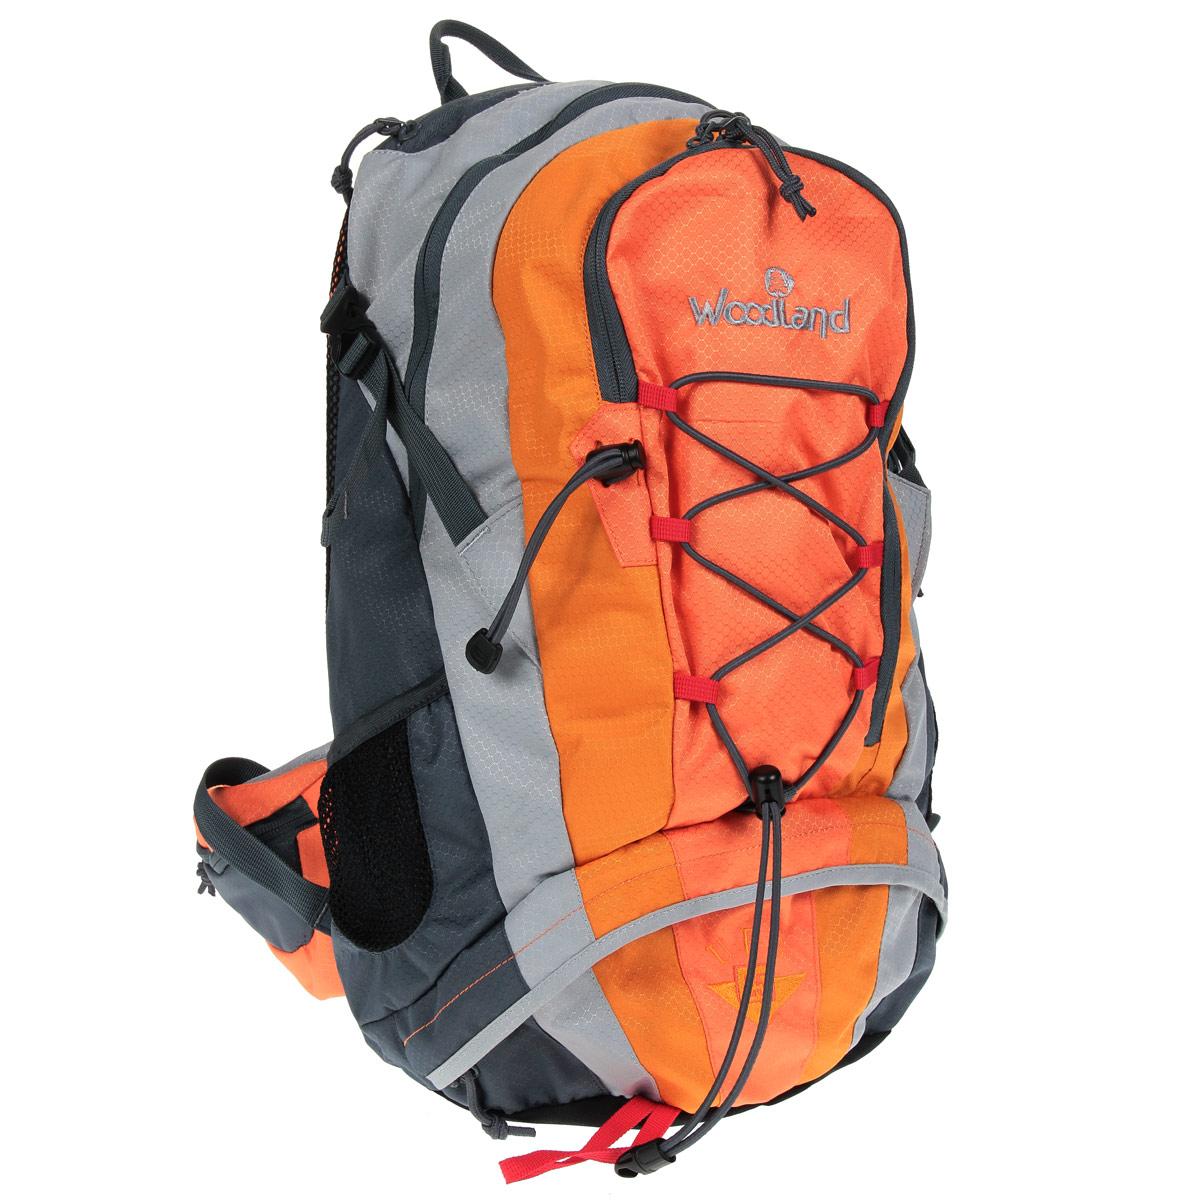 Рюкзак WoodLand UPS 25, цвет: оранжевый, желтый, темно-серый